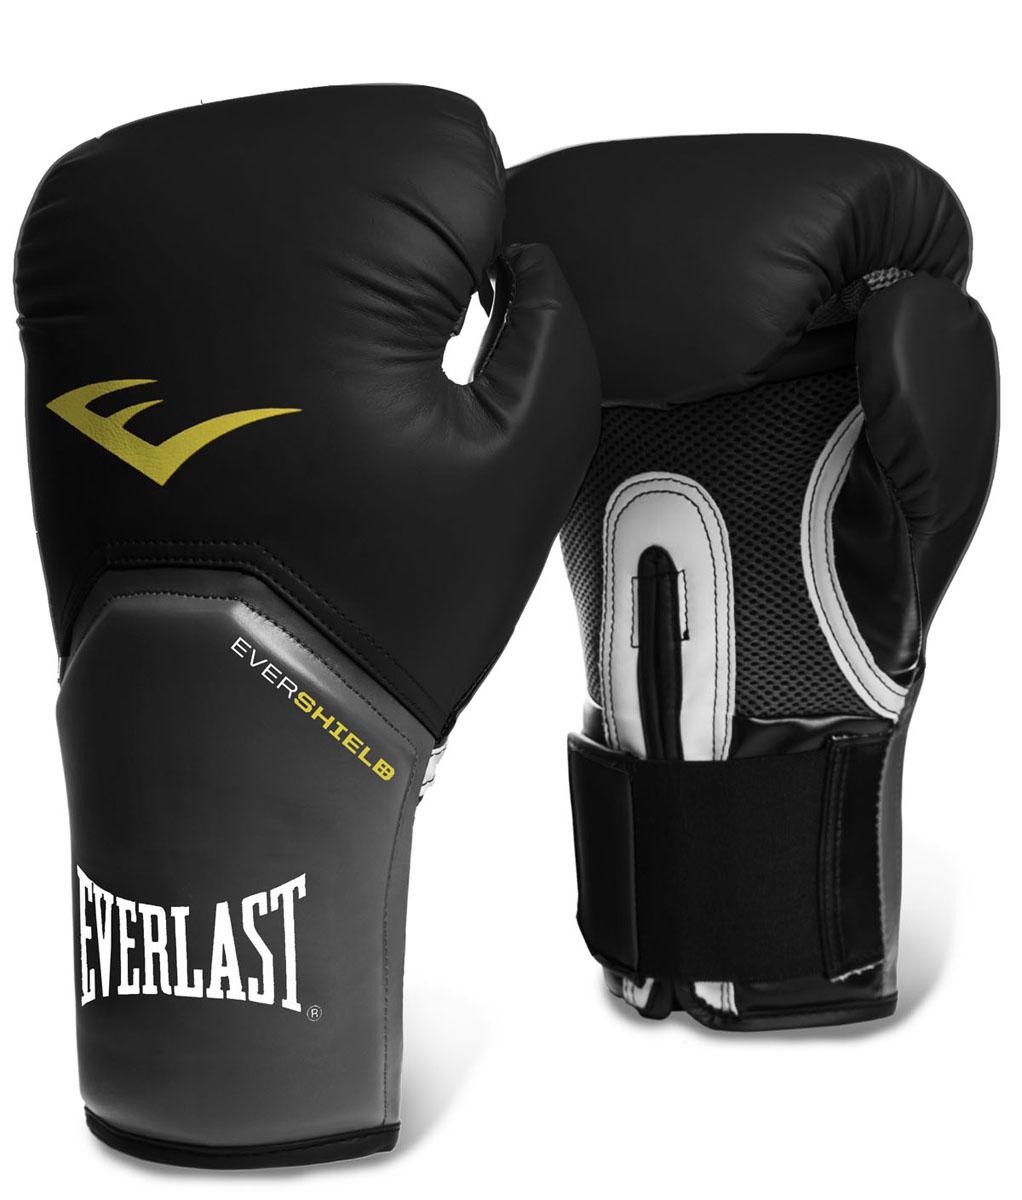 Боксерские перчатки Everlast ProStyle Elite, цвет: черный. Вес 10 унций2310EEverlast ProStyle Elite — тренировочные боксерские перчатки для спаррингов и работы на снарядах. Изготовлены из качественной искусственной кожи с применением технологий Everlast, использующихся в экипировке профессиональных спортсменов. Благодаря выверенной анатомической форме перчатки надежно фиксируют руку и гарантируют защиту от травм. Нижняя часть, полностью изготовленная из сетчатого материала, обеспечивает циркуляцию воздуха и препятствует образованию влаги, а также неприятного запаха за счет антибактериальной пропитки EVERFRESH. Комбинация легких дышащих материалов поддерживает оптимальную температуру тела. Модель подходит для начинающих боксеров, которые хотят тренироваться с экипировкой высокого класса.